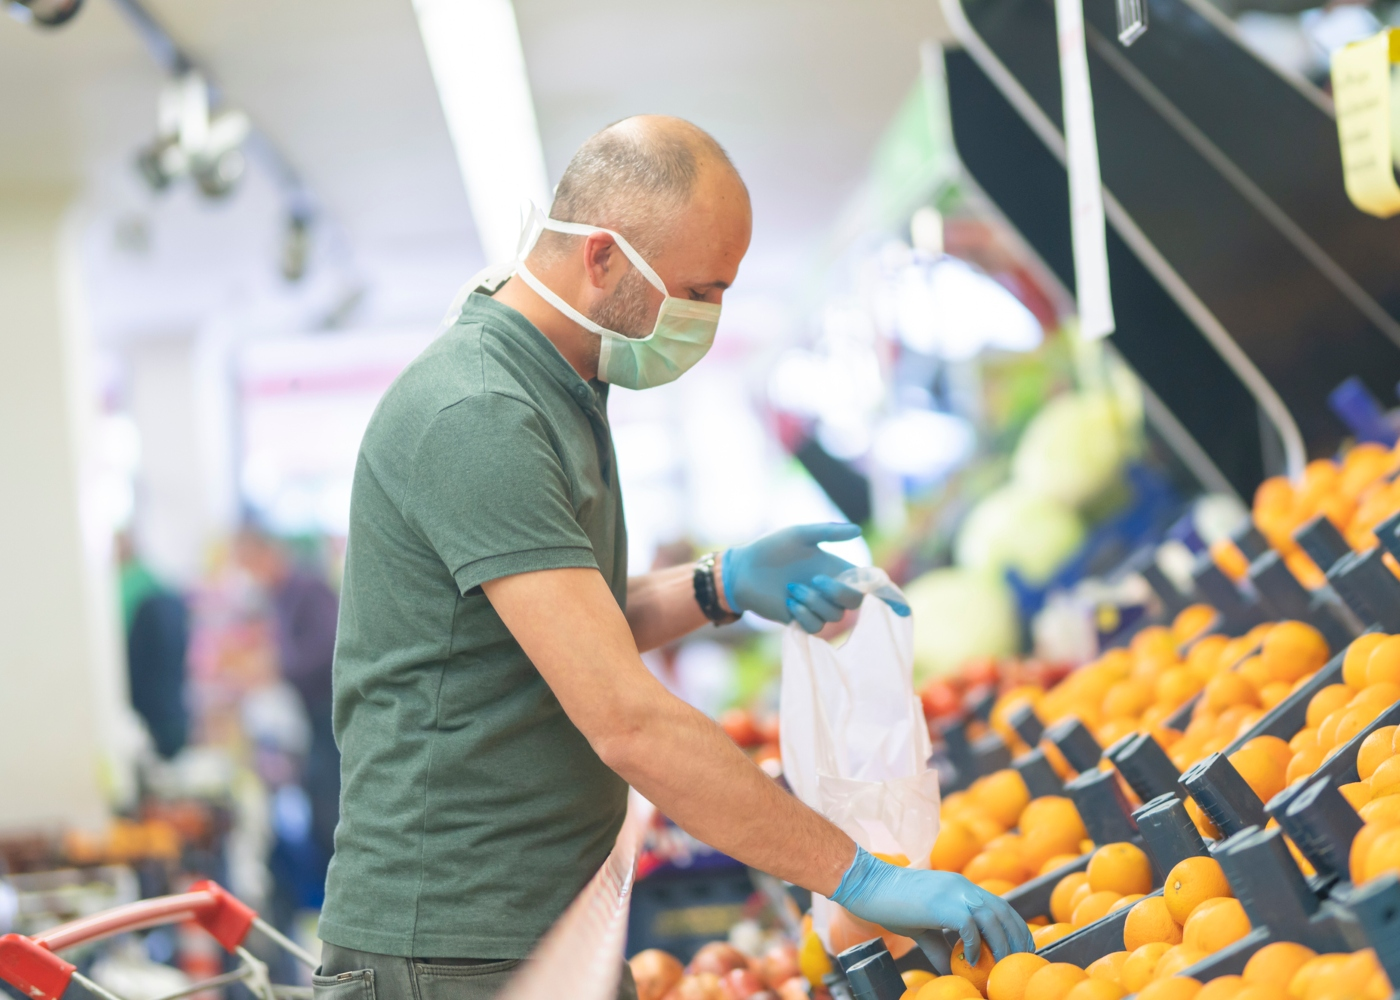 Homem com luvas e máscara no supermercado